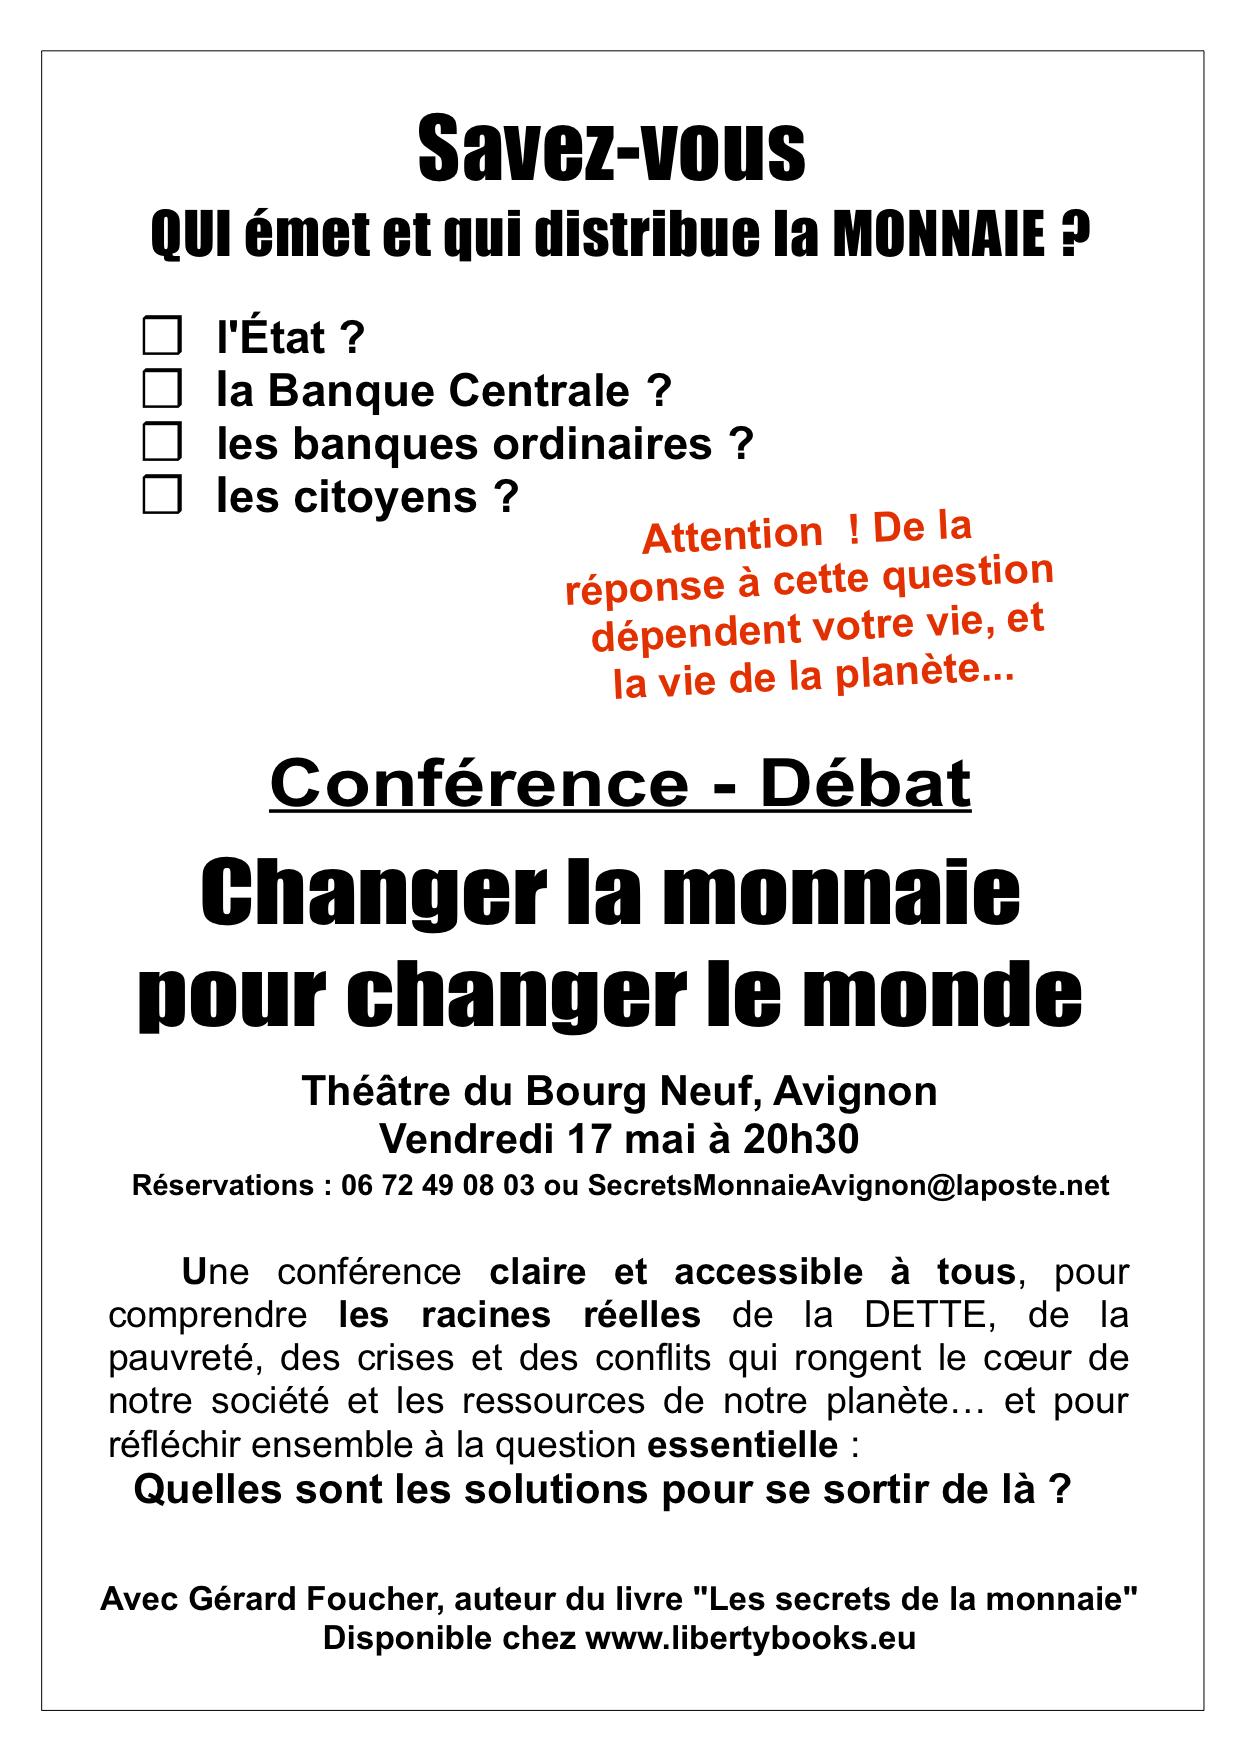 Flyer Avignon Bourg-Neuf